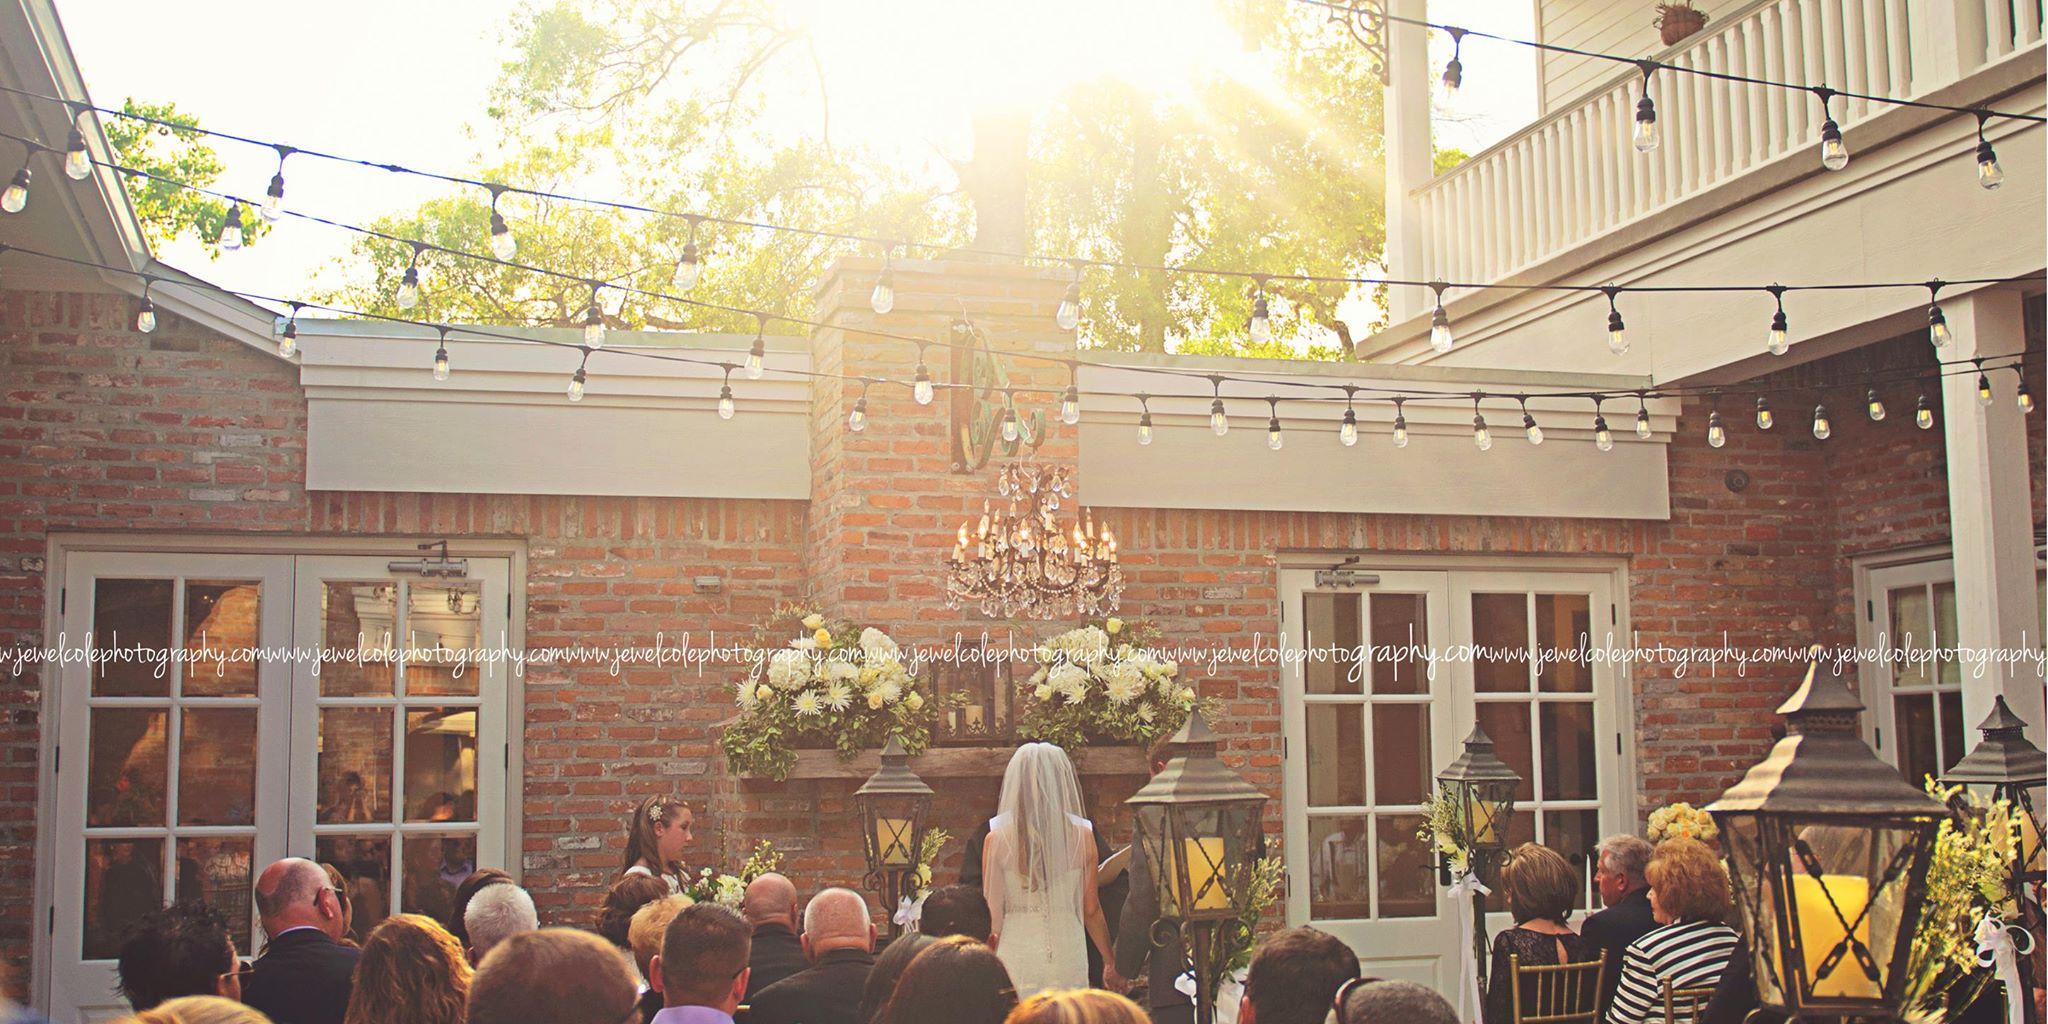 Beaumont Wedding Venue The Laurels Eat Drink SETX